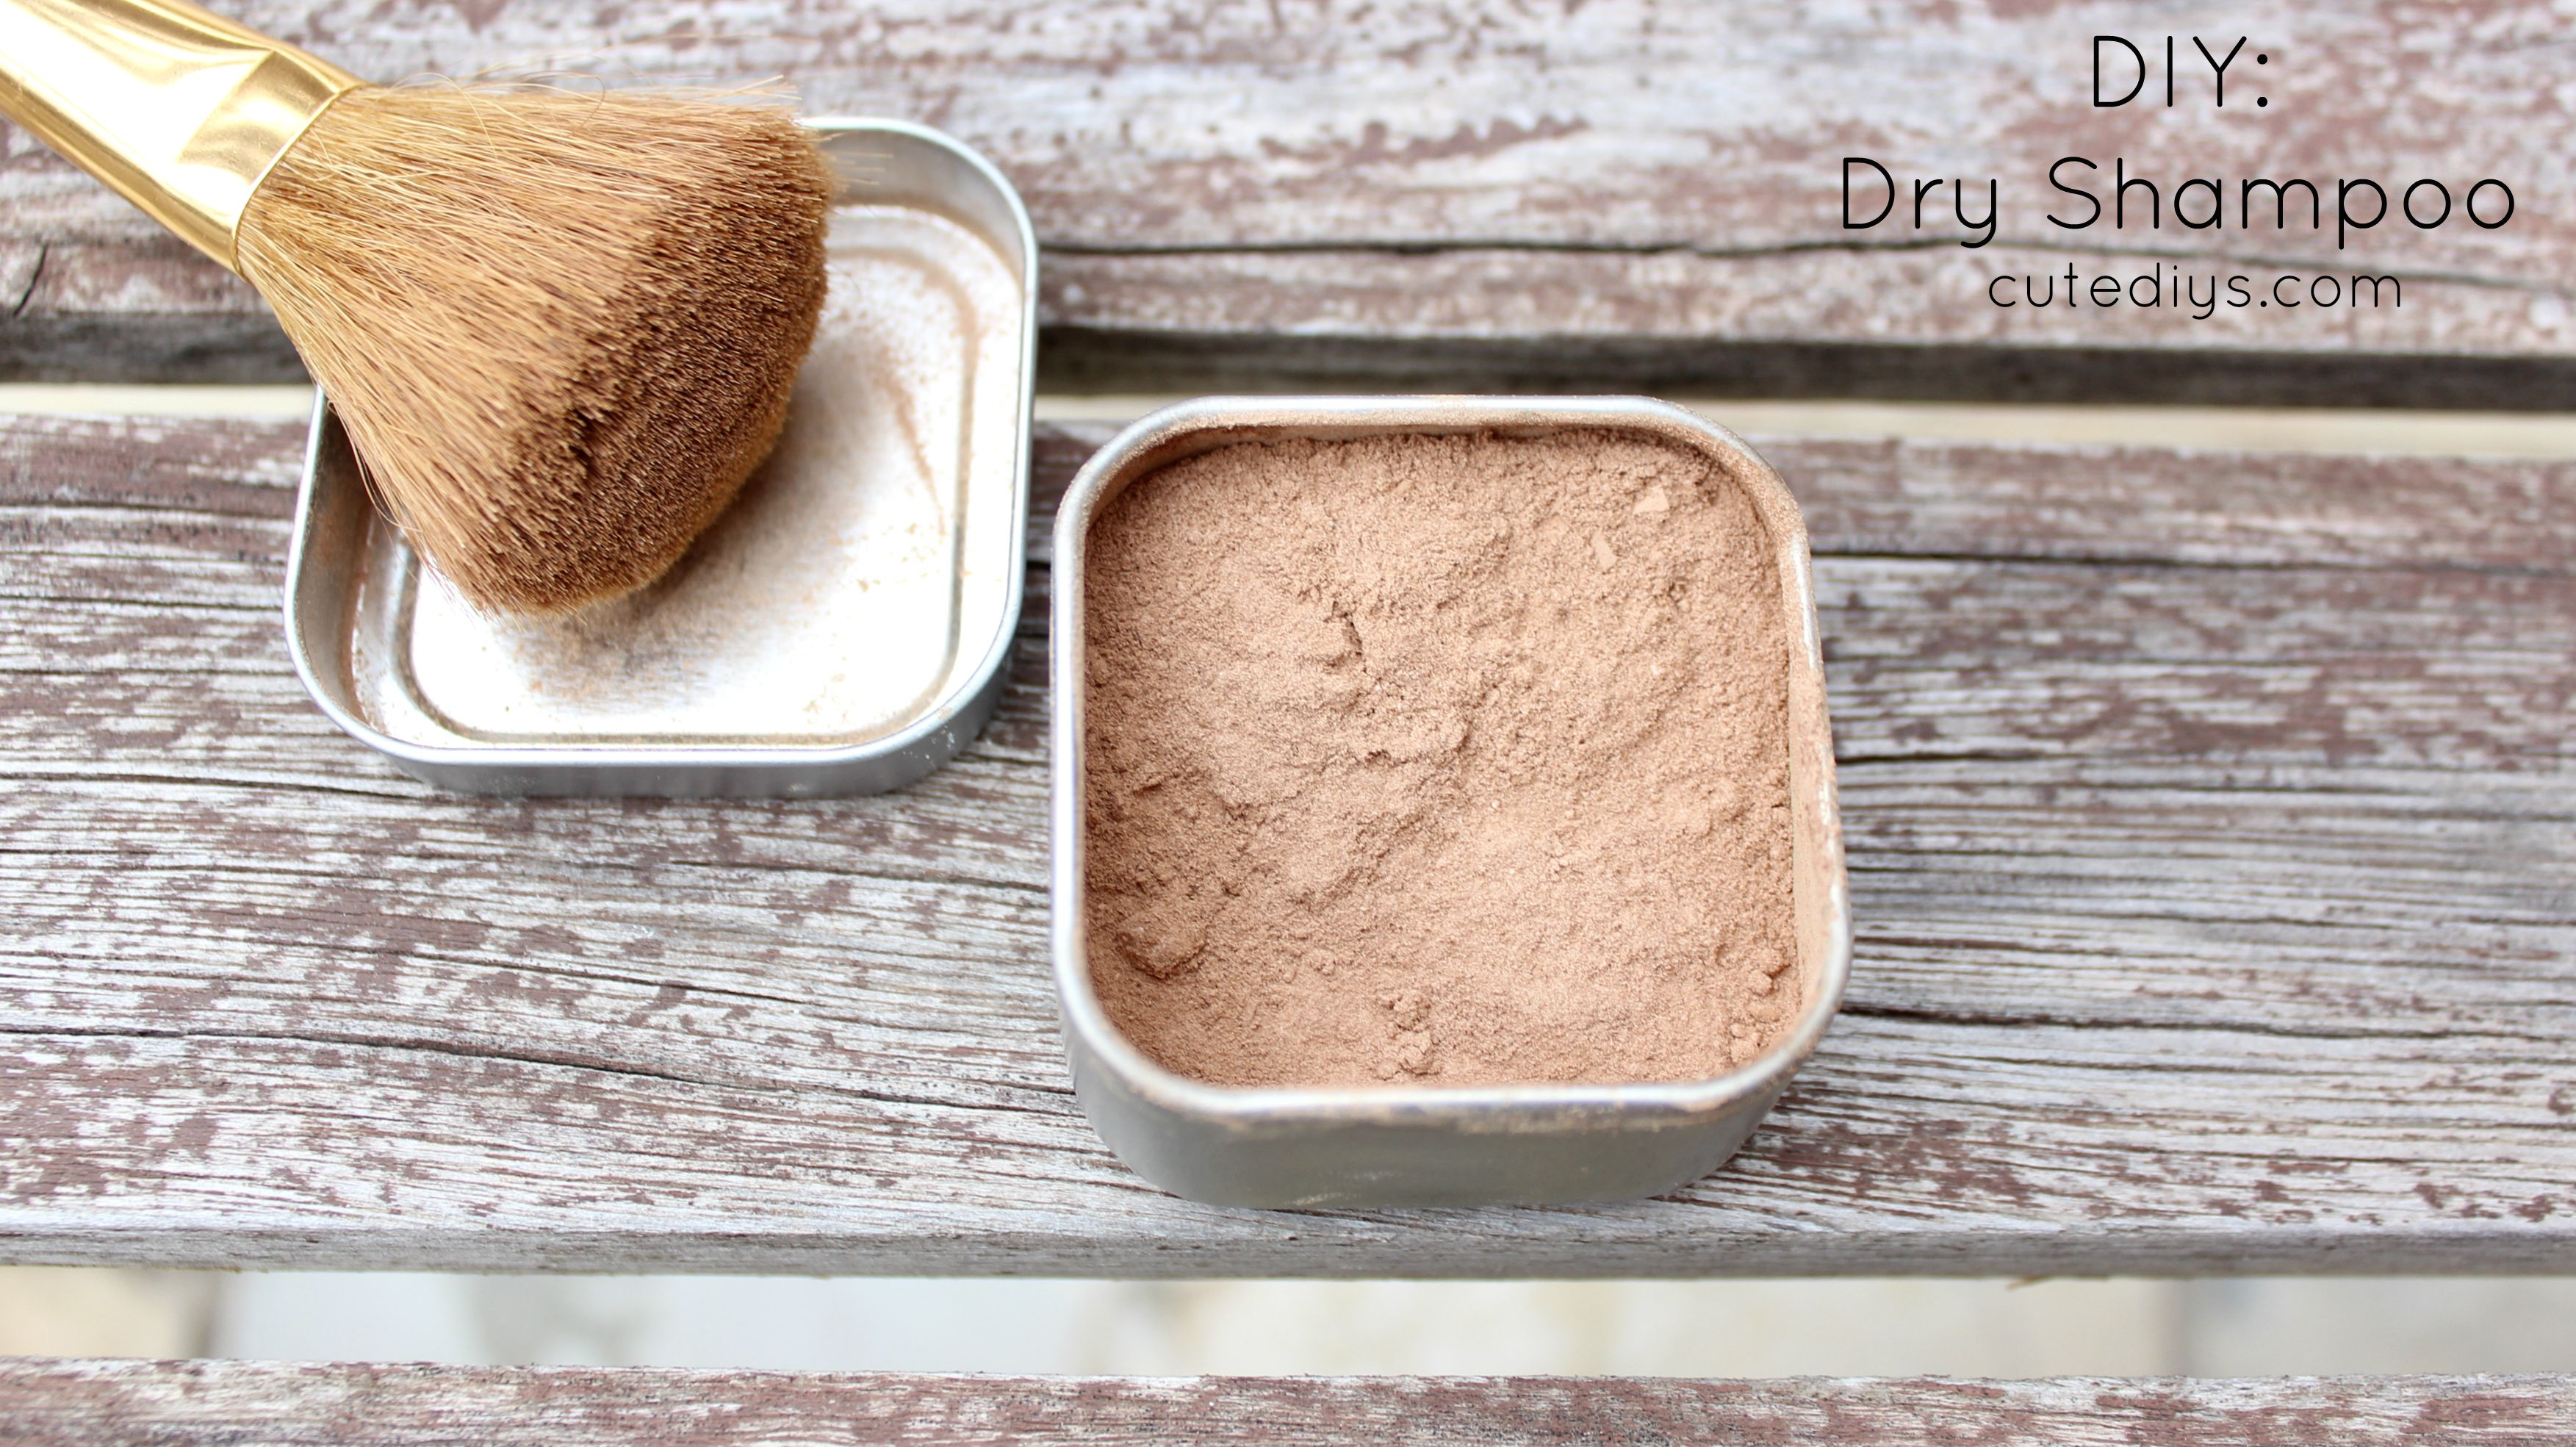 Diy Dry Shampoo Dry Shampoo Diy Dry Shampoo Diy Shampoo